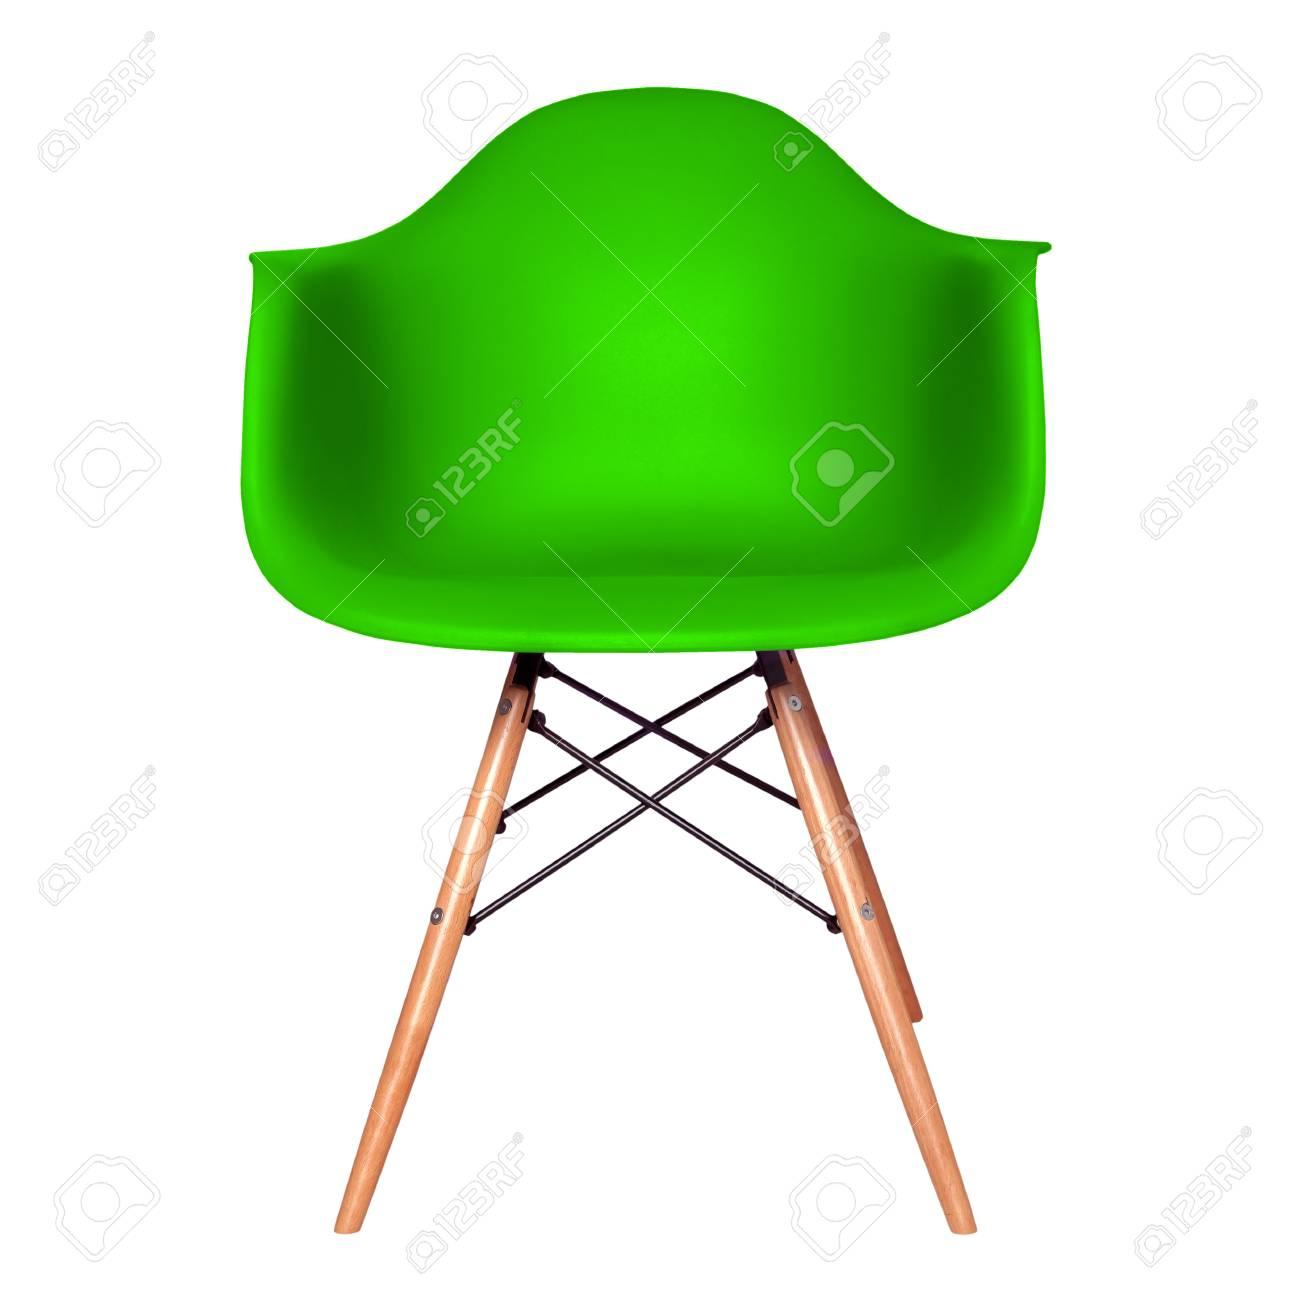 Vert Chaise Couleur Moderne Isol Sur Fond Blanc De